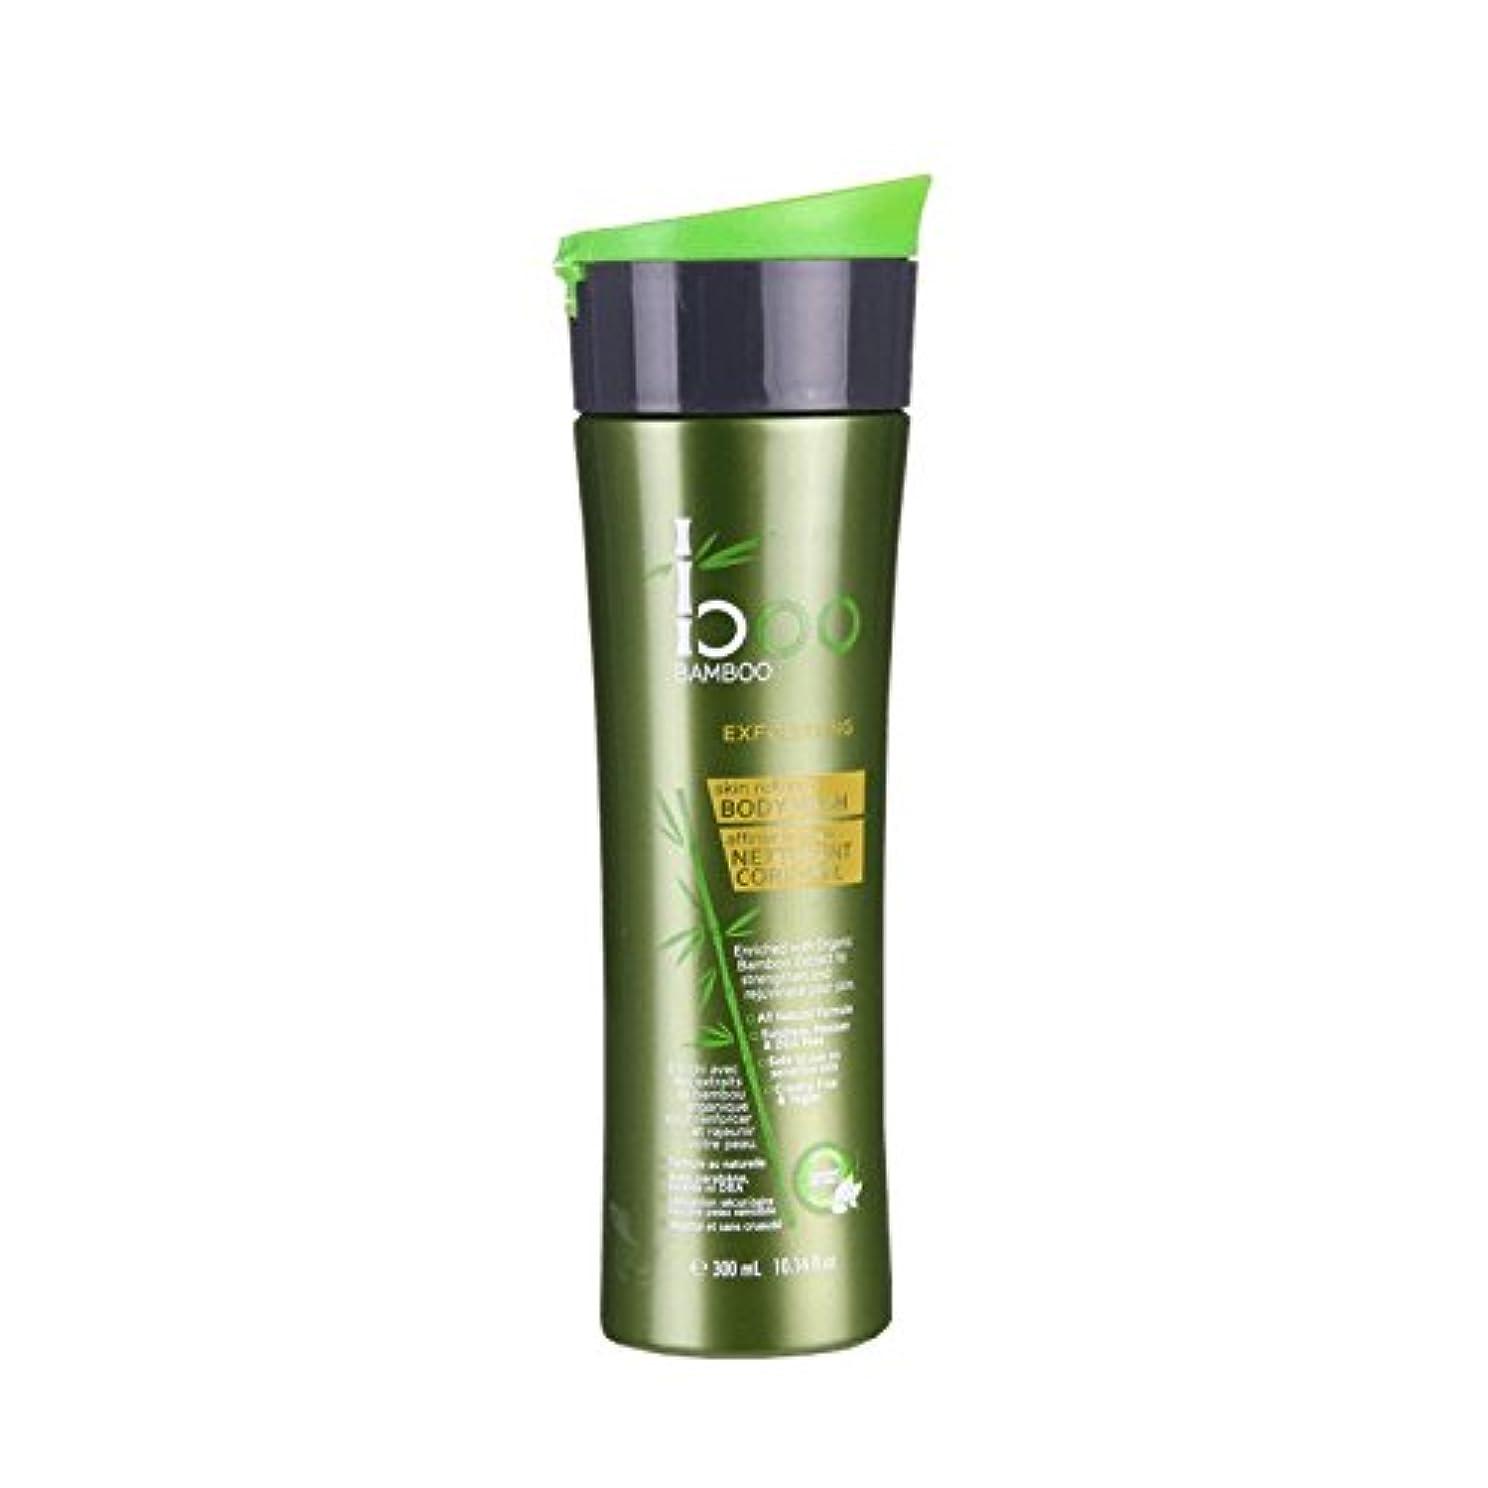 脚本家議題吹雪Boo Bamboo Exfoliating Body Wash 300ml (Pack of 2) - 竹ピーリングボディウォッシュ300ミリリットルブーイング (x2) [並行輸入品]